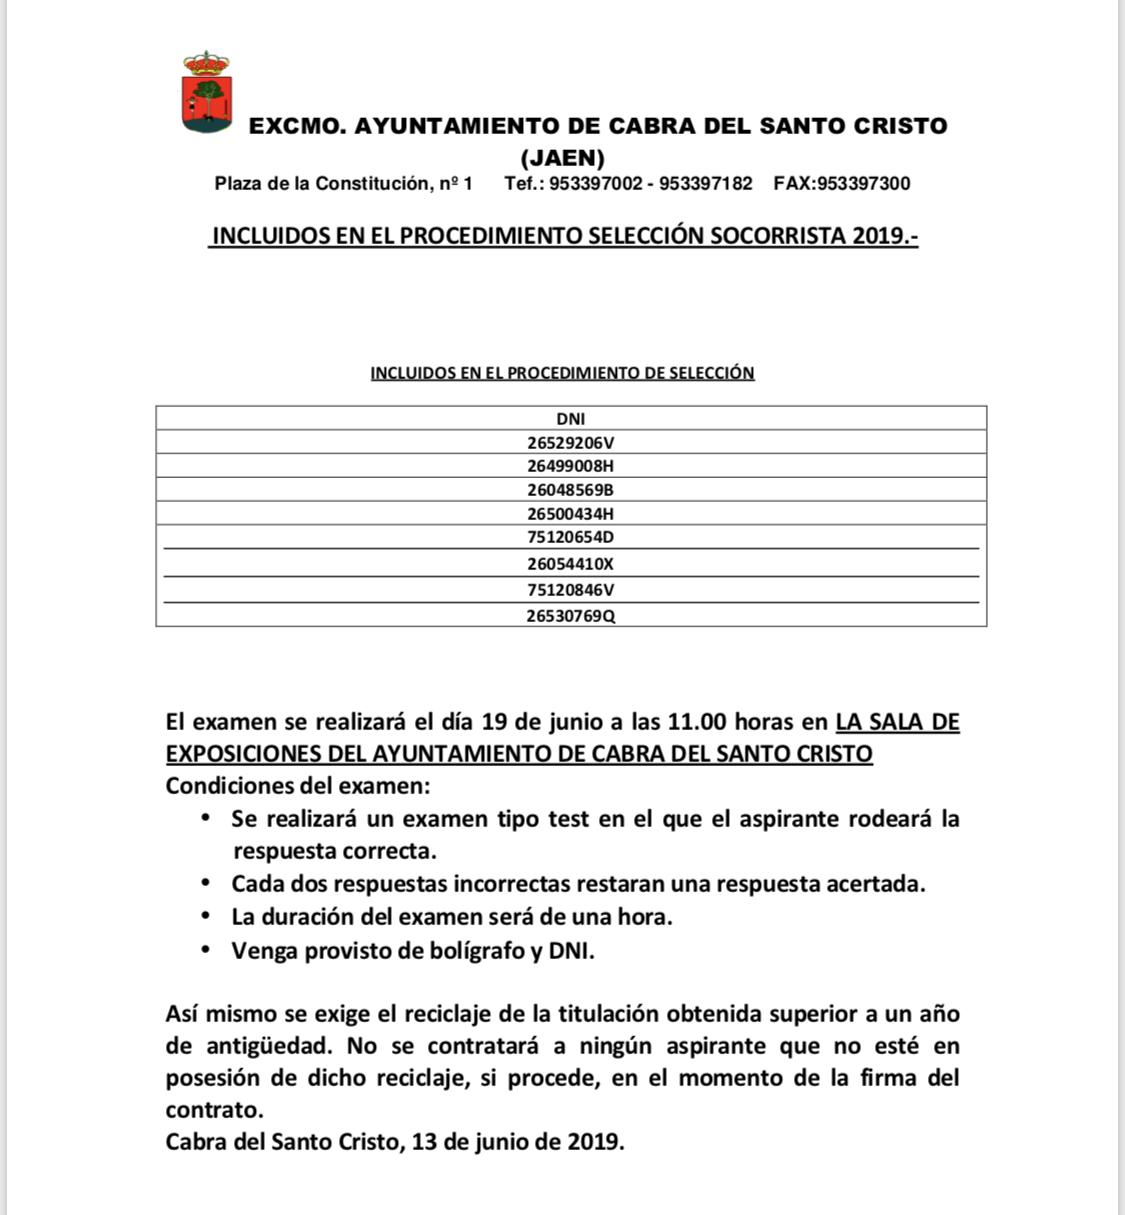 INCLUIDOS EN EL PROCEDIMIENTO SELECCIÓN SOCORRISTA 2019